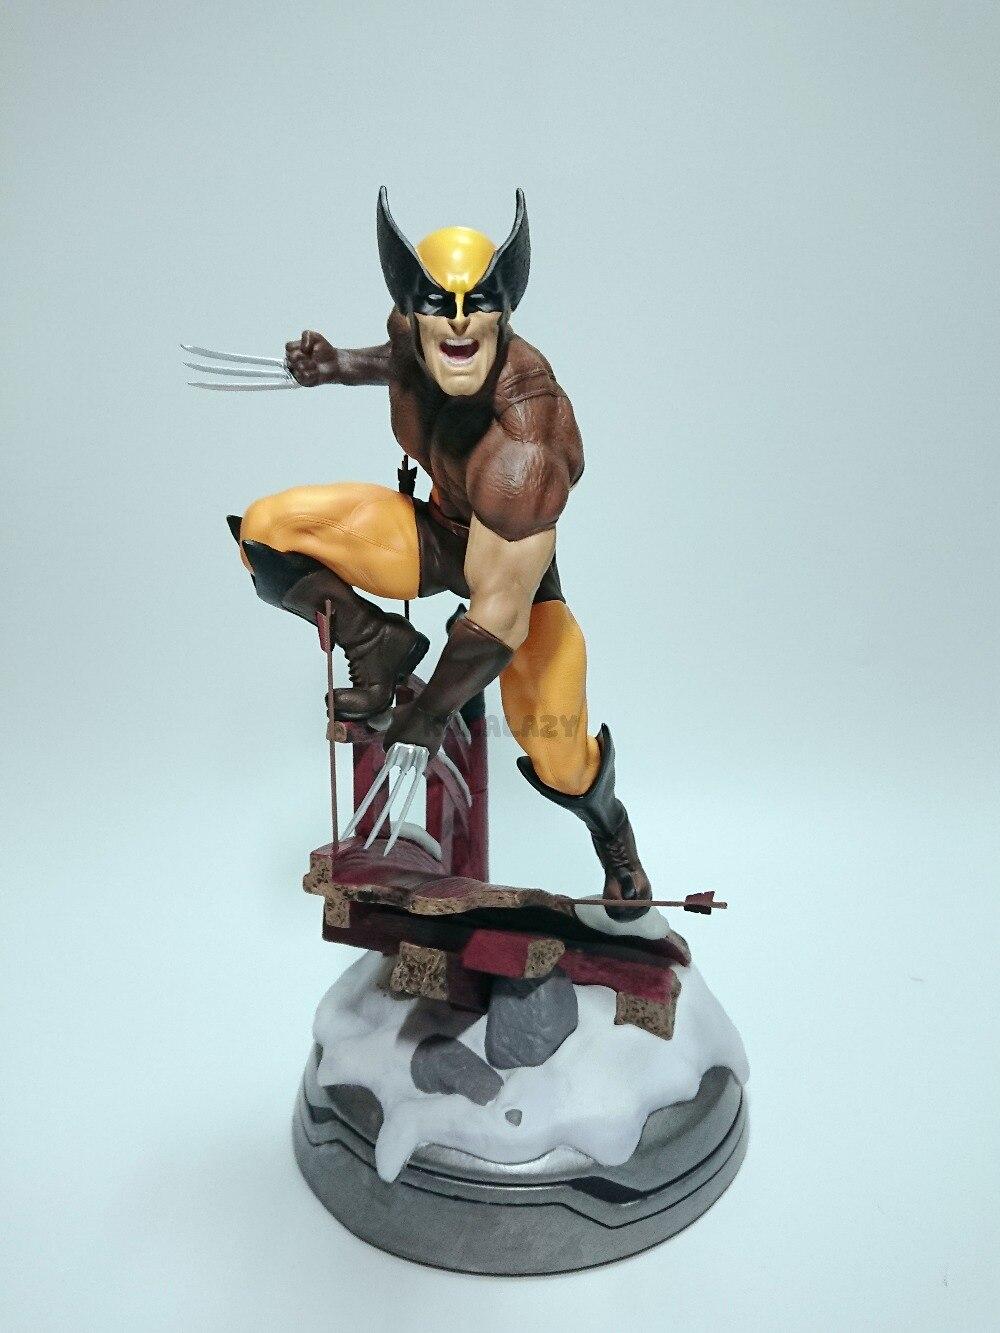 Figurine Wolverine Logan Justice League ARTFX + X Force Statue X hommes arme X fer homme figurine d'action modèle Collection jouet